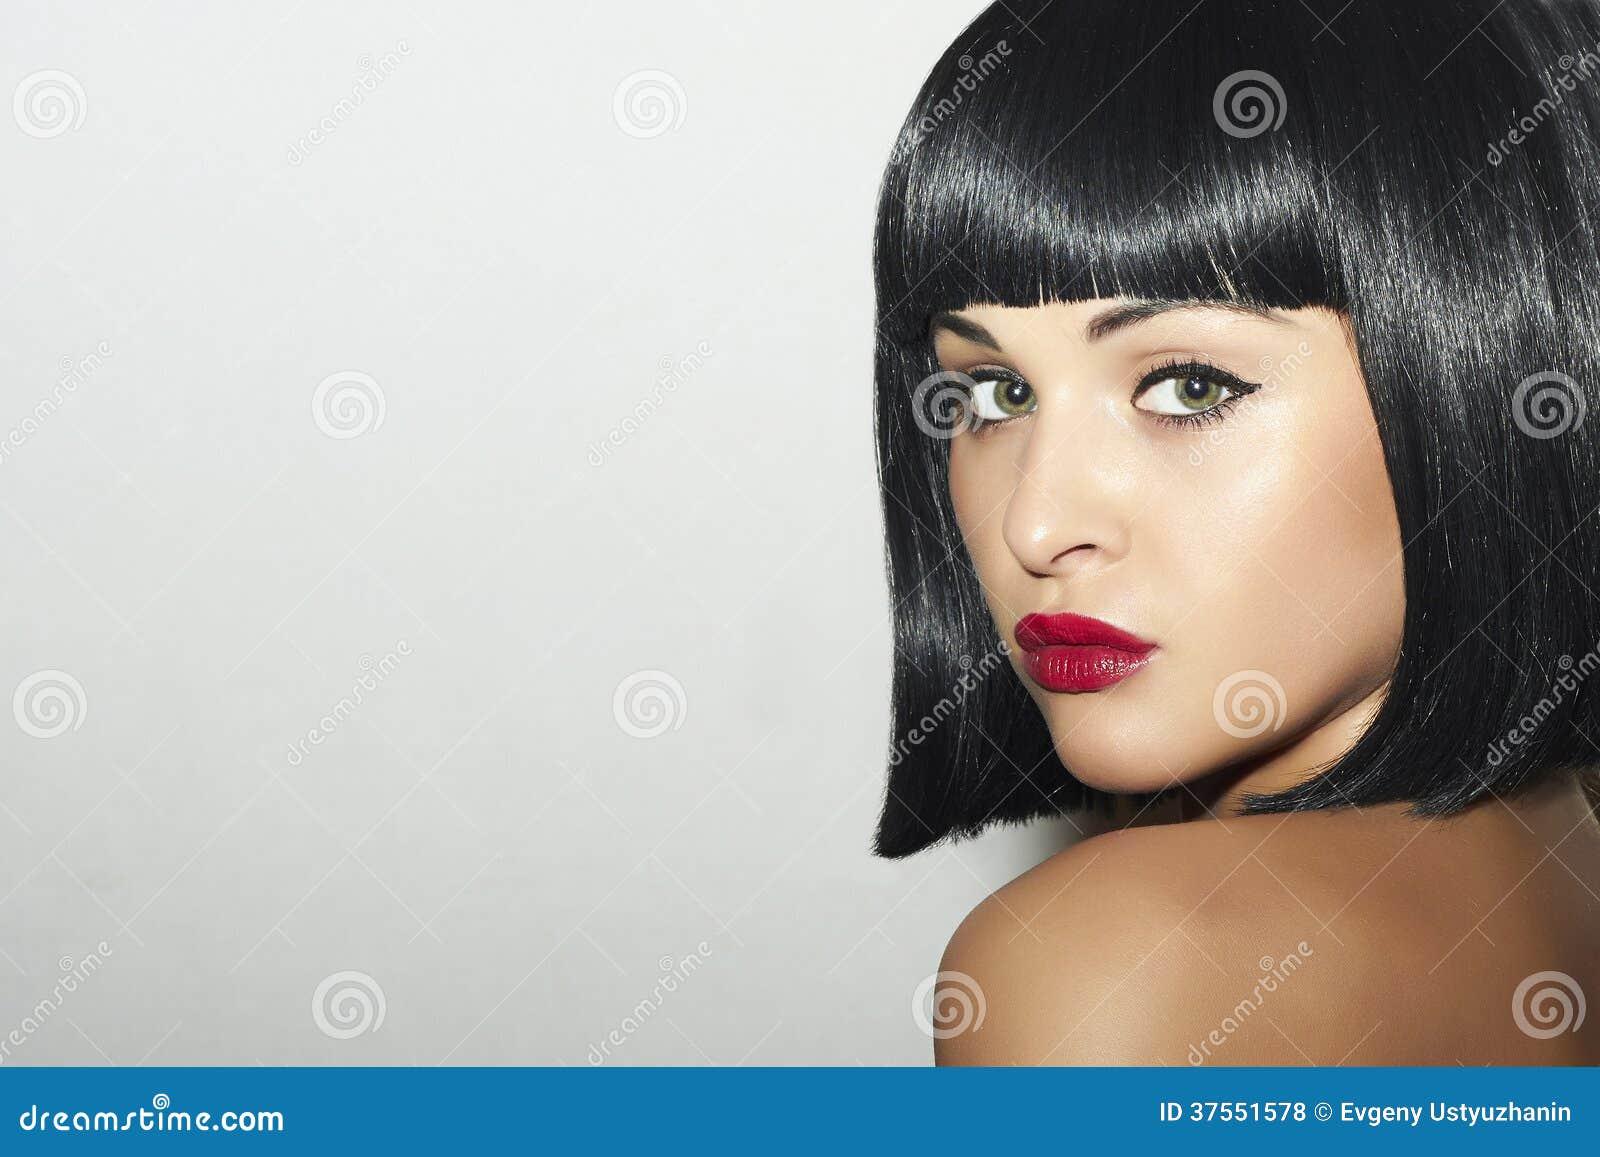 Taglio di capelli bello ragazza